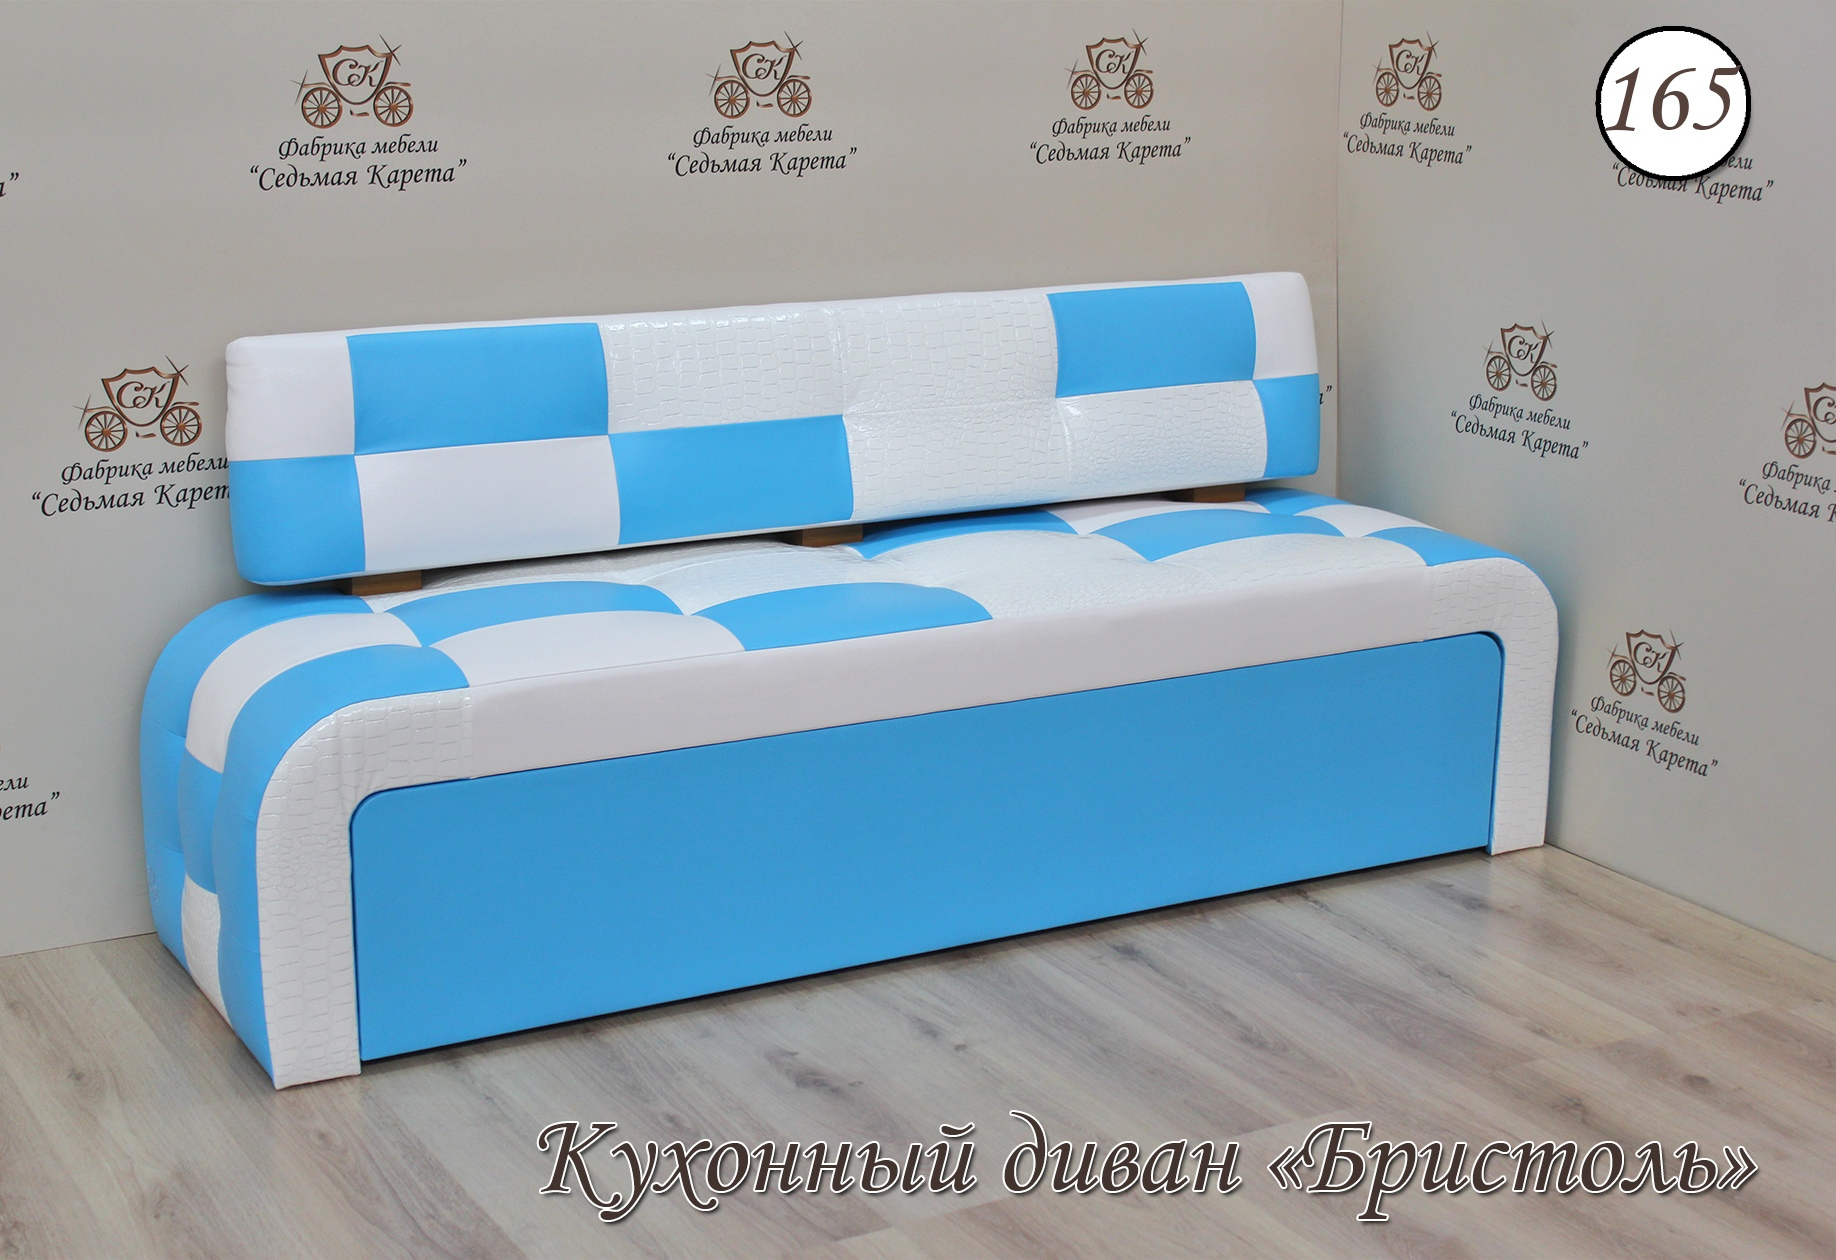 Кухонный диван Бристоль-163